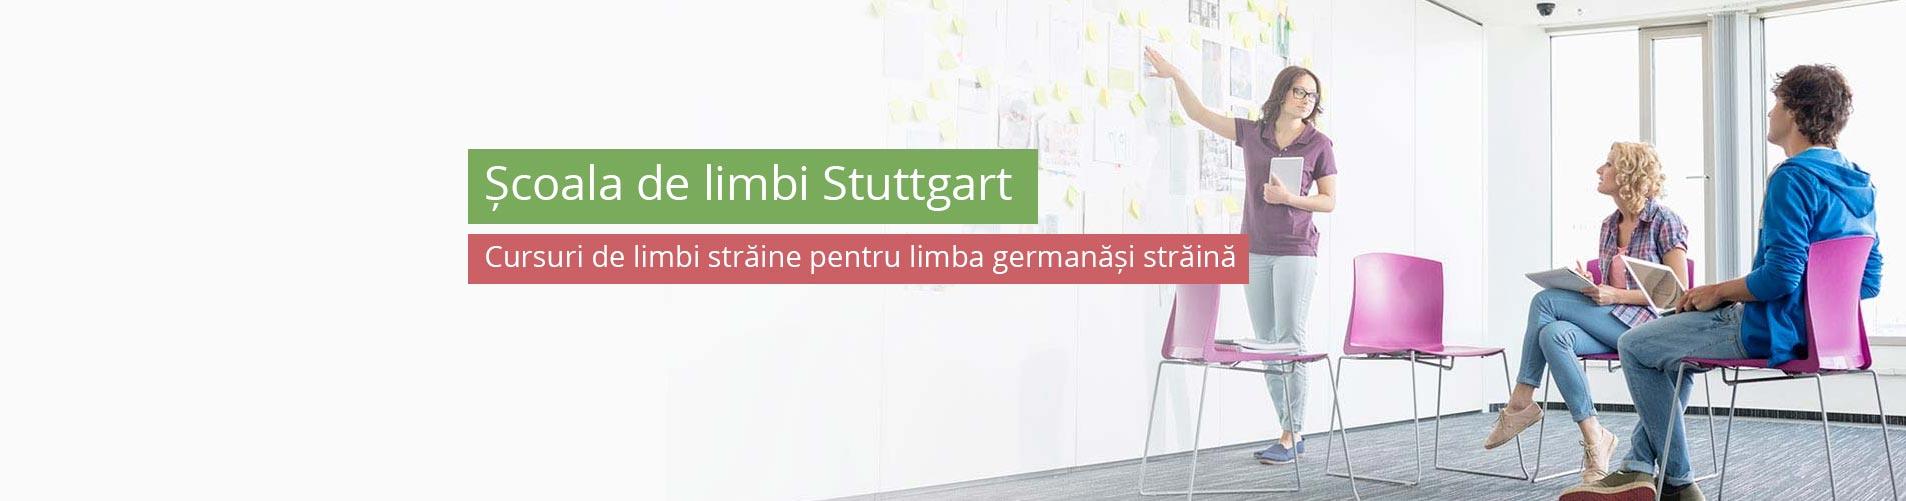 Cursuri de searăși intensive, lecții private și cursuri de companie în Stuttgart